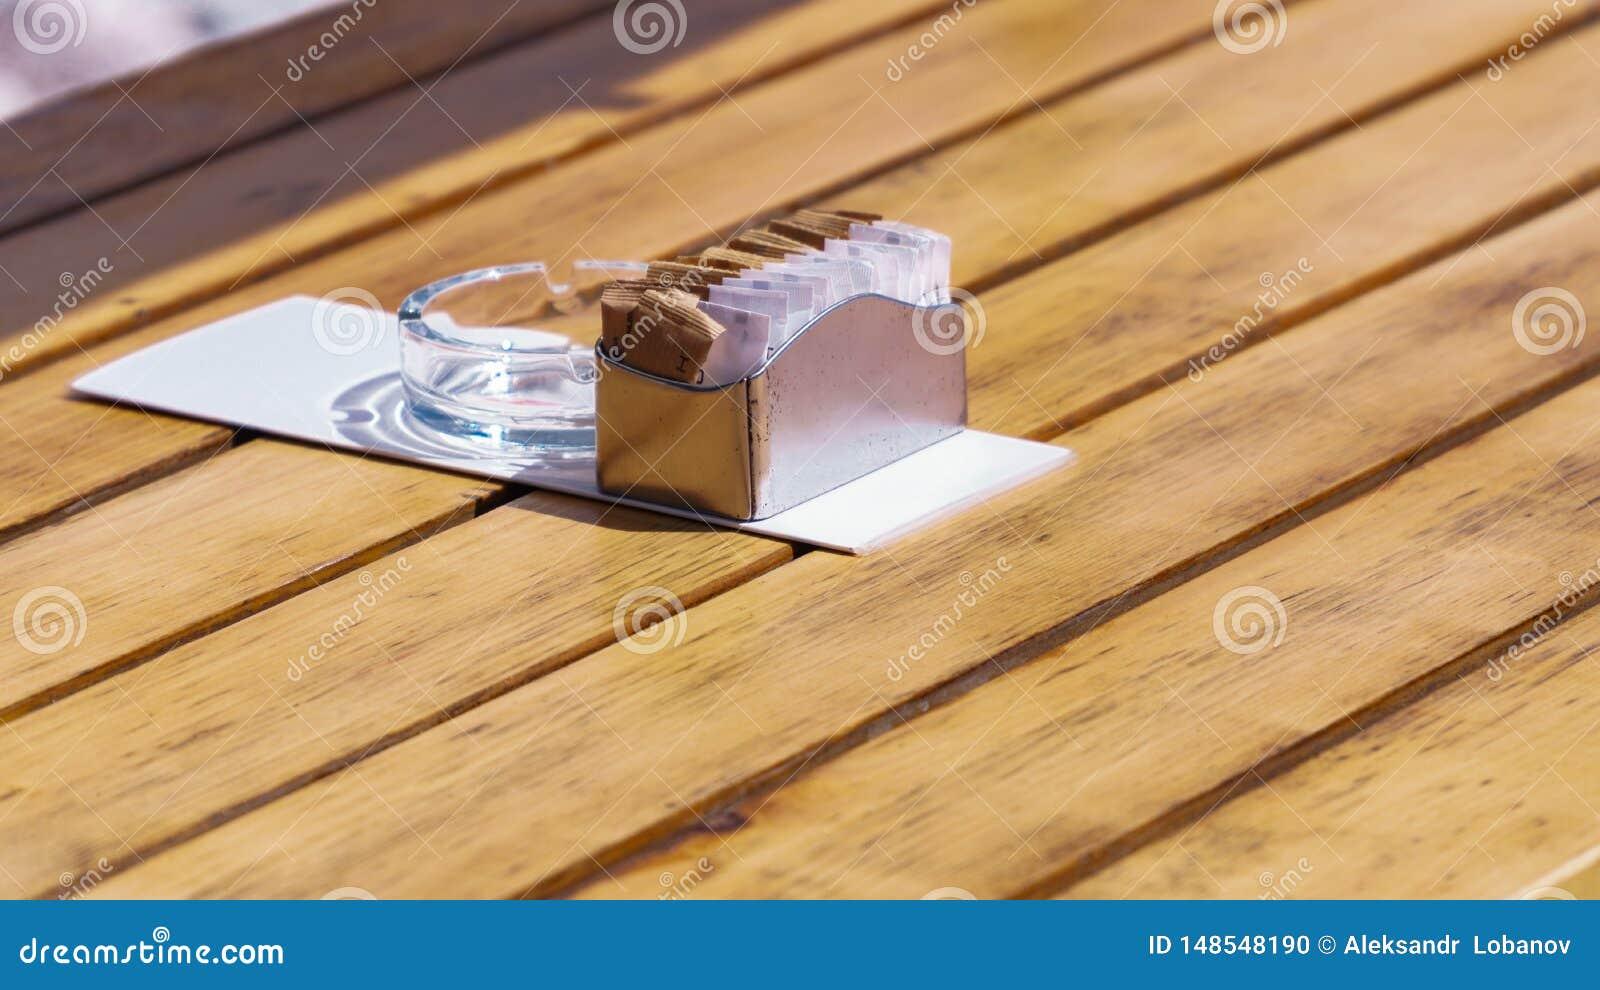 A?ucareiro em uma tabela de madeira em um restaurante